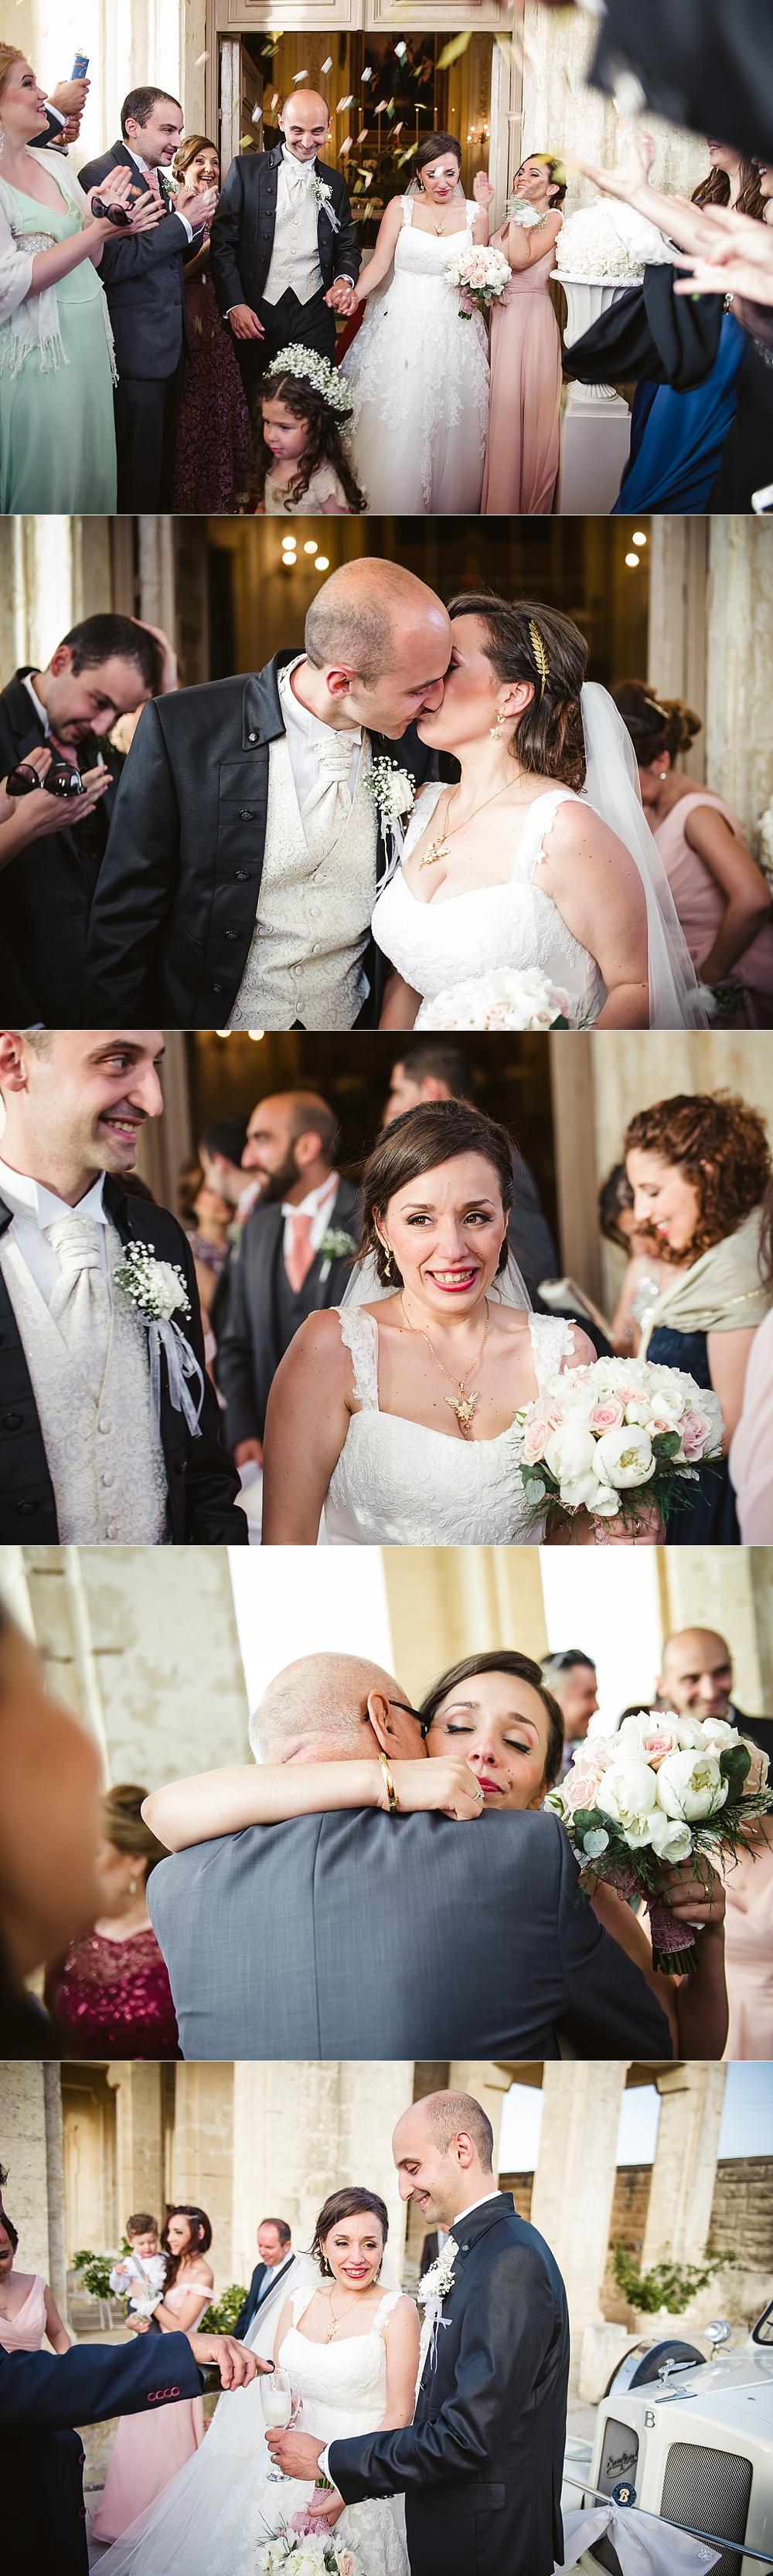 Laura & Anton_0017.jpg